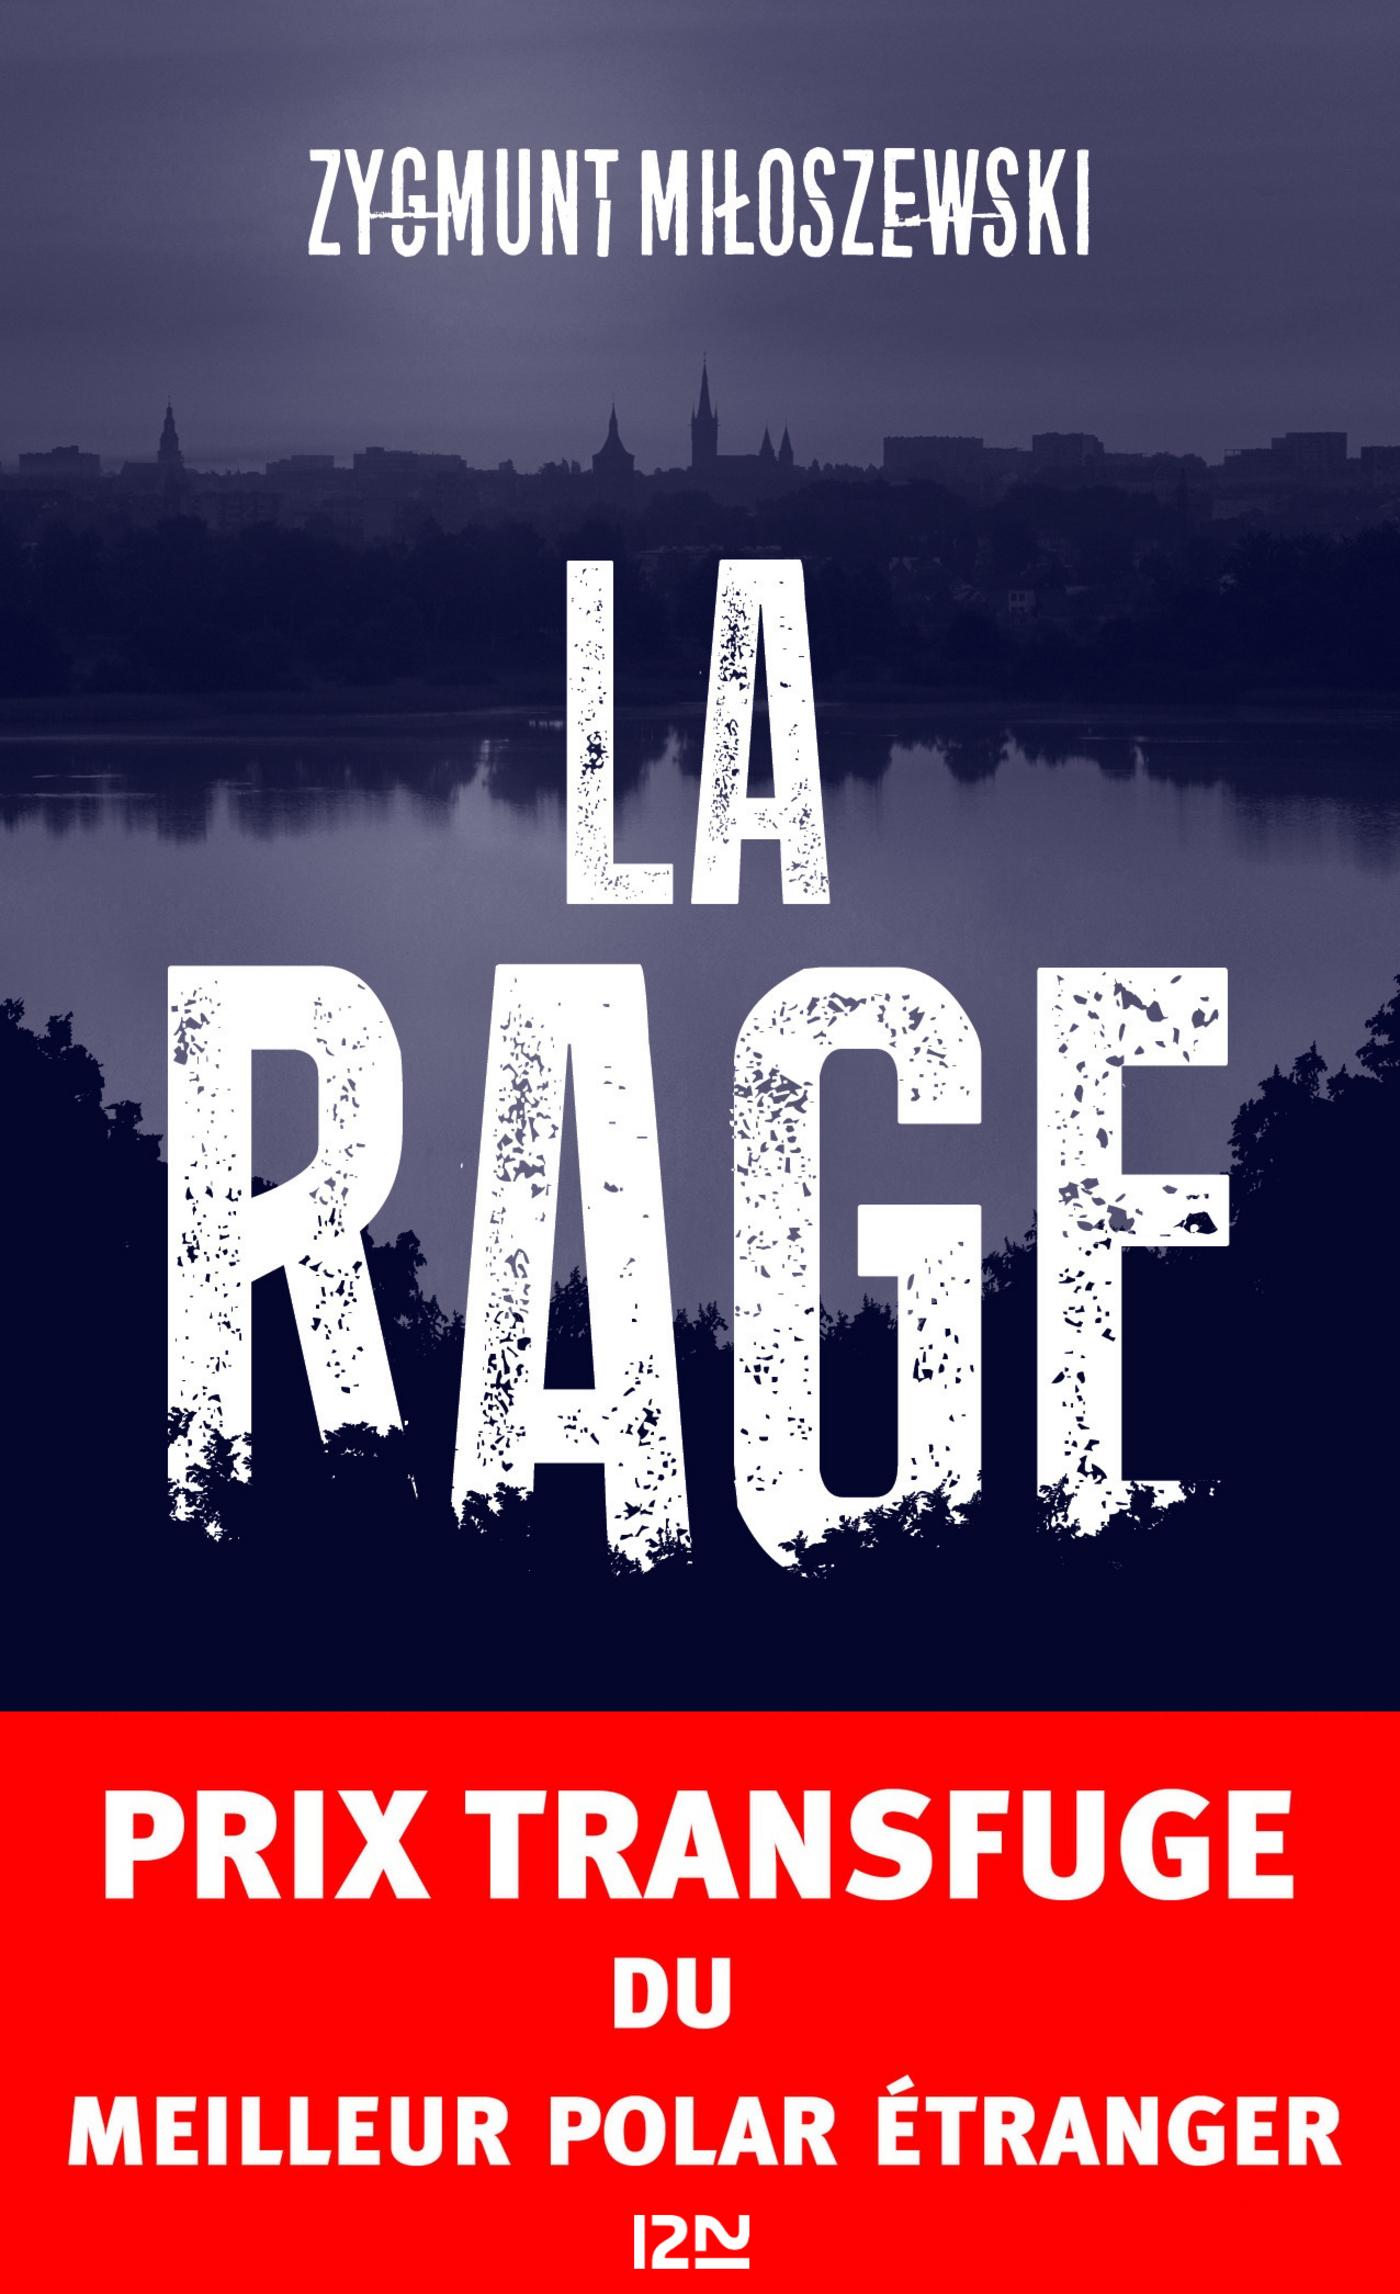 La Rage | MILOSZEWSKI, Zygmunt